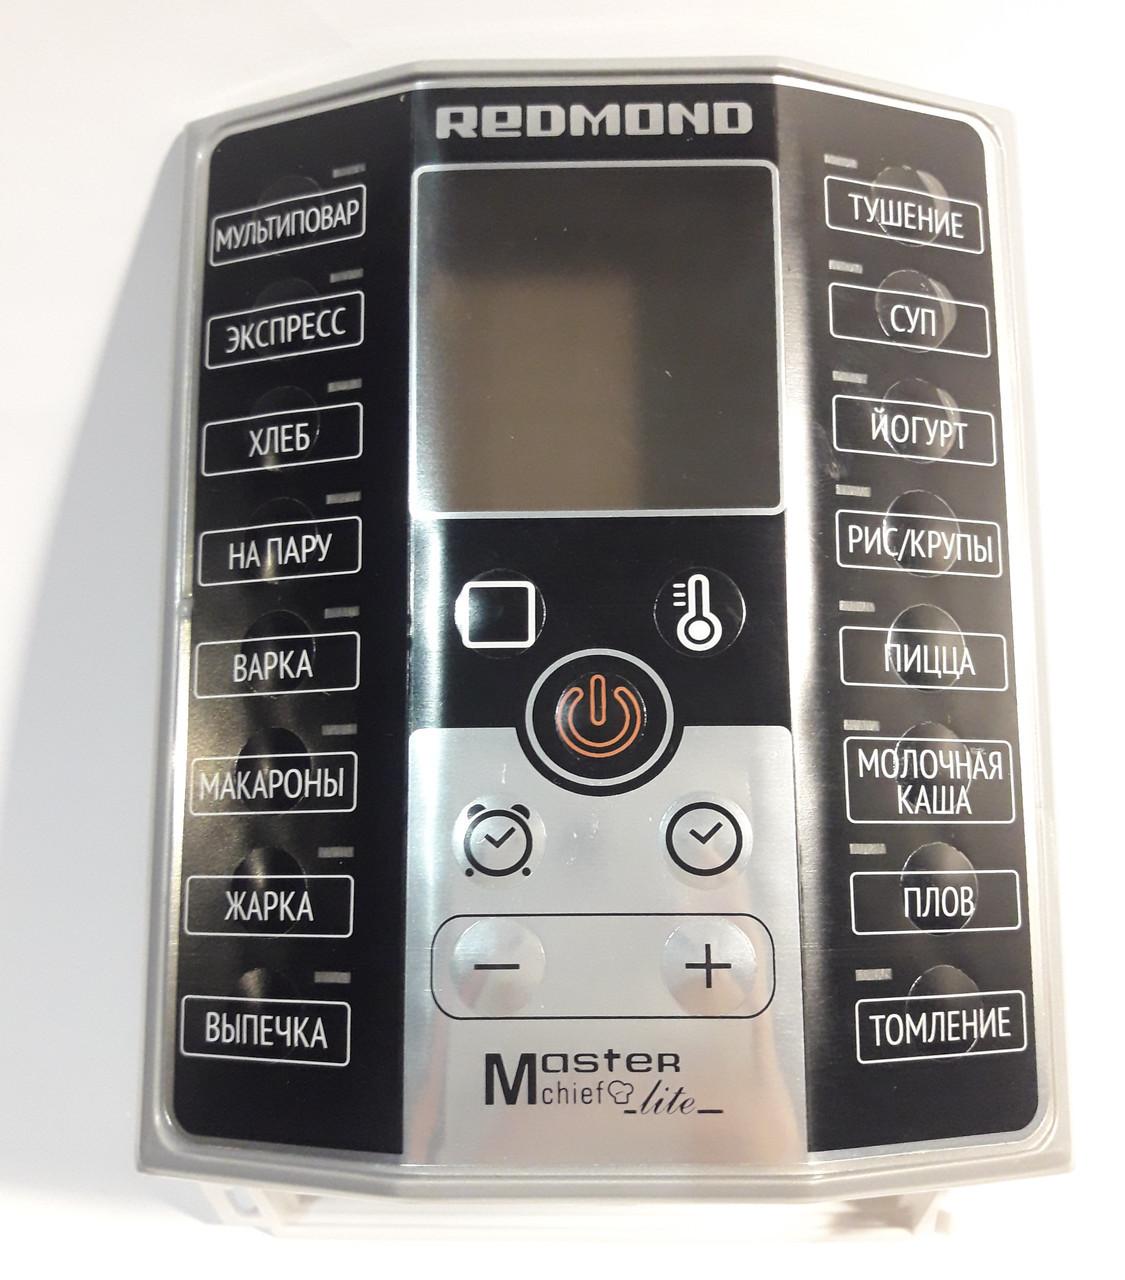 Панель лицевая с держателем плат мультиварки Redmond RMC-M252